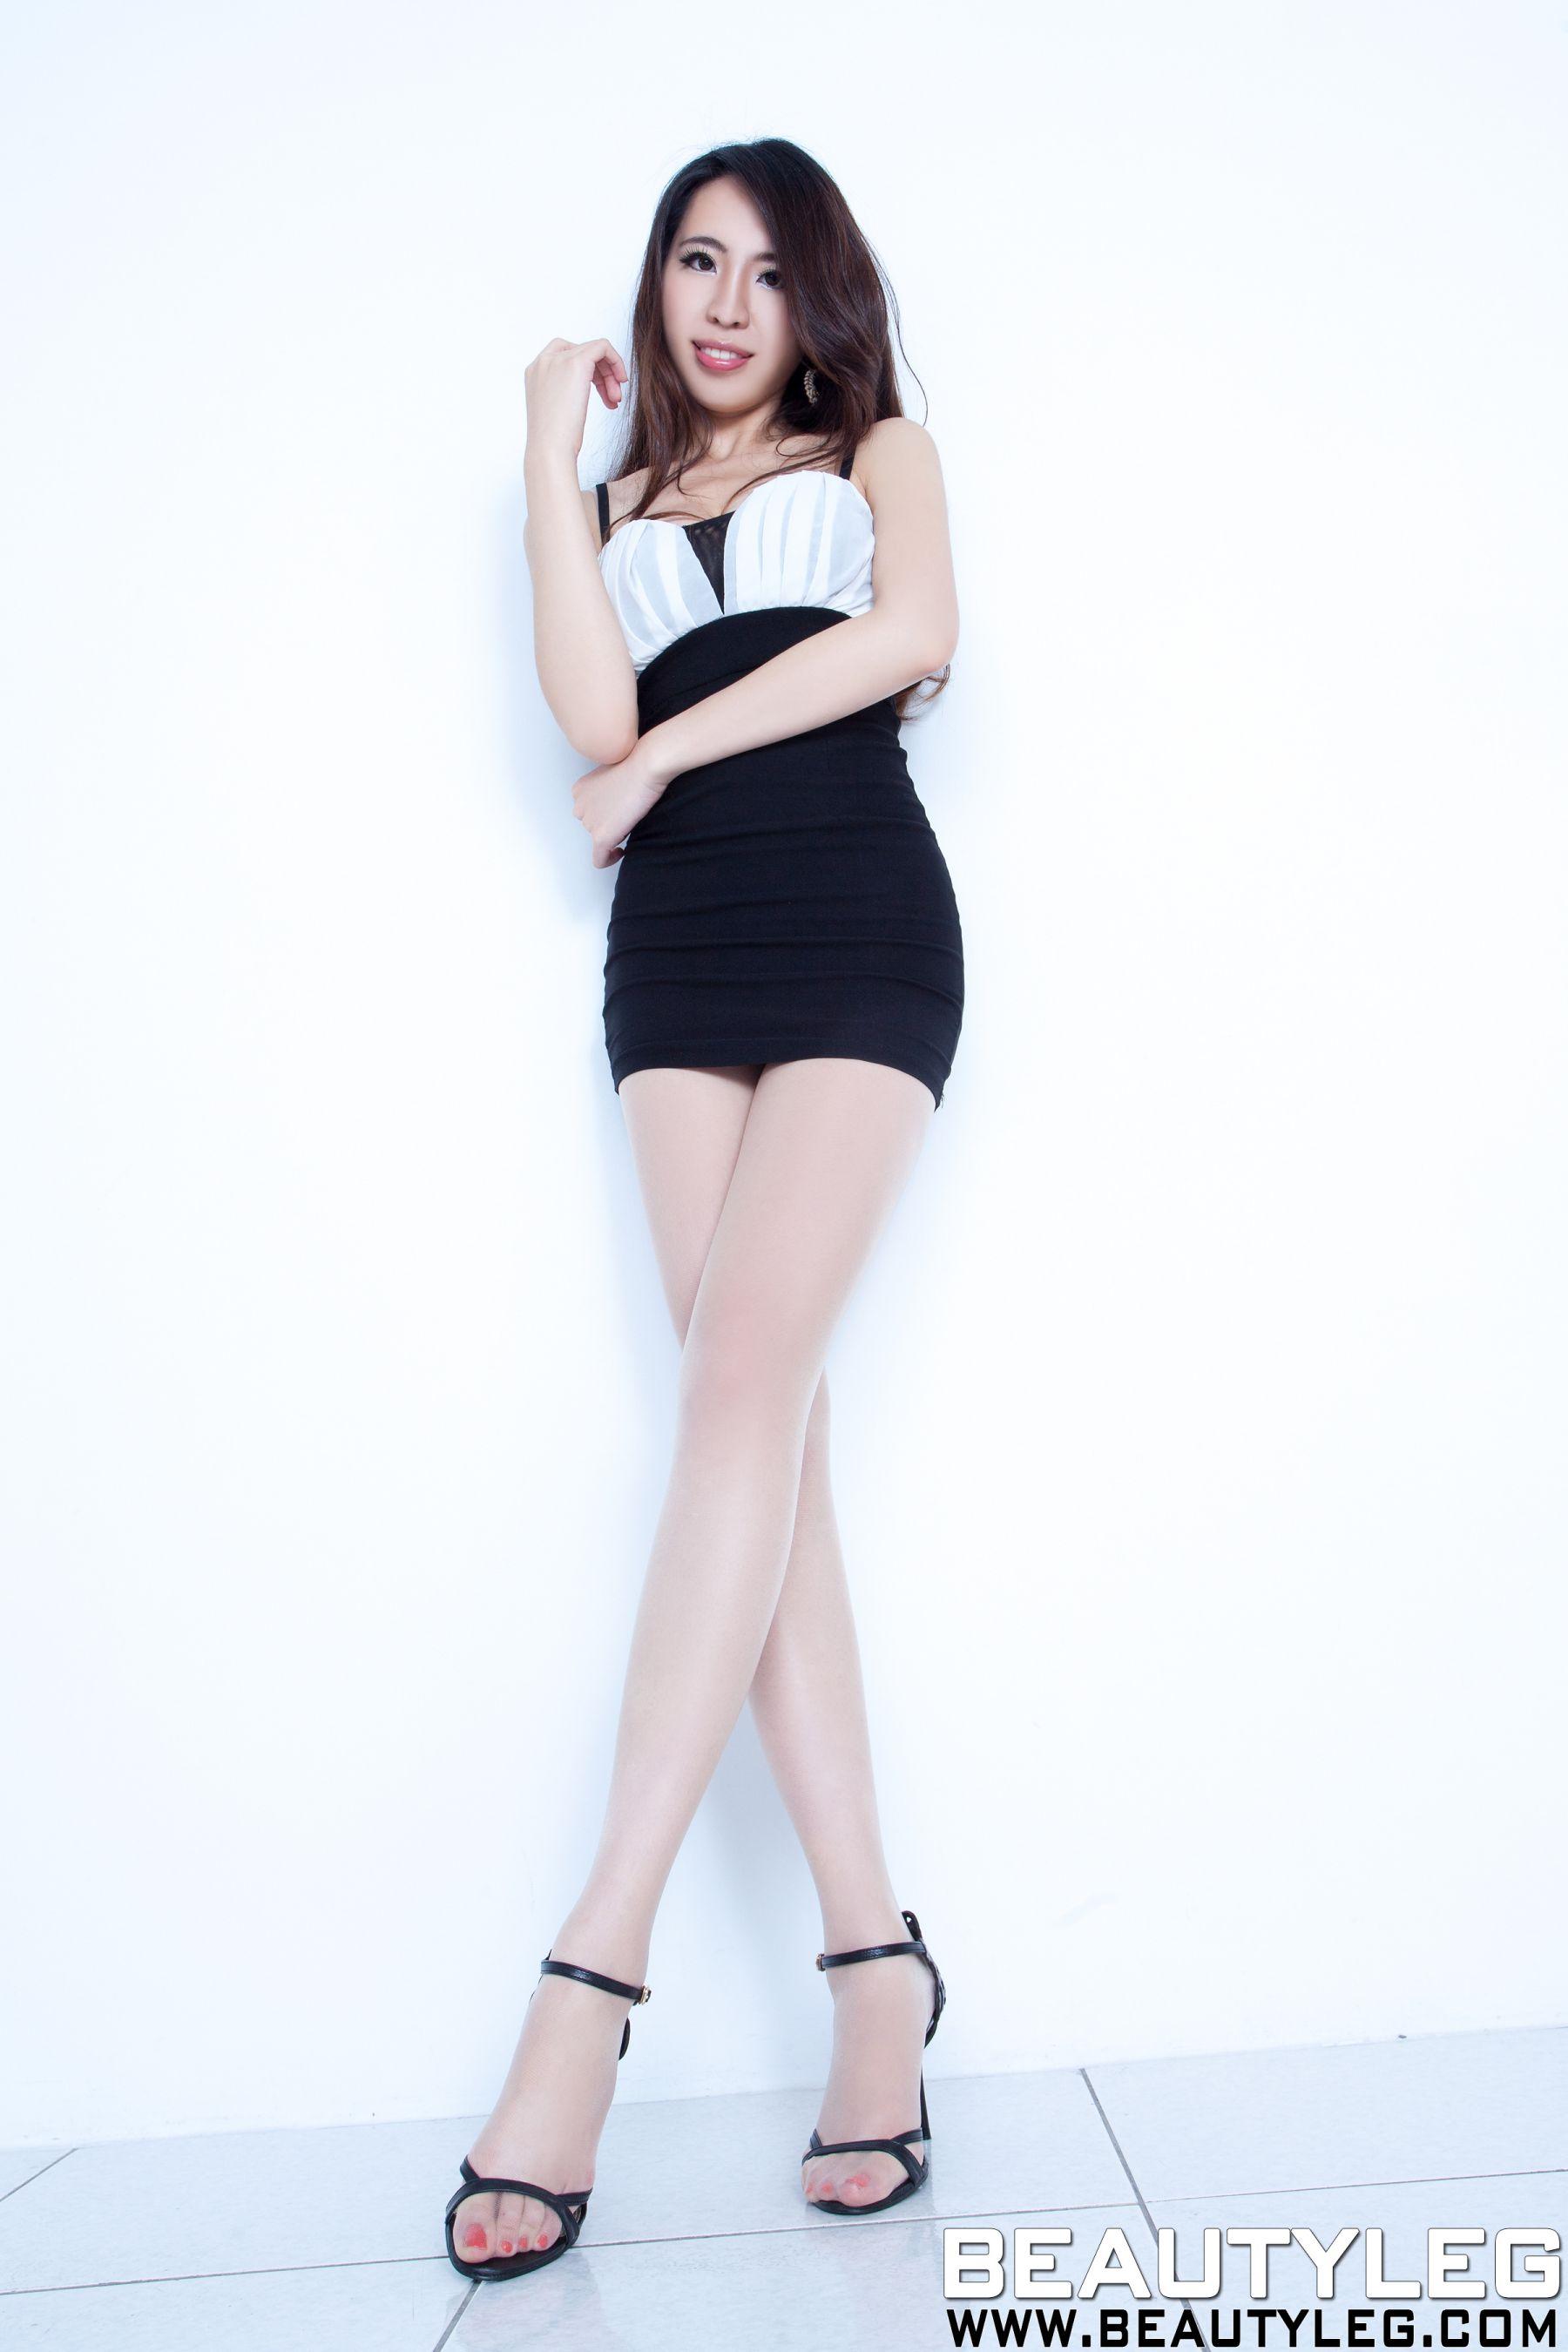 VOL.1477 [Beautyleg]高跟美腿:廖羽涵(腿模Alice)高品质写真套图(47P)